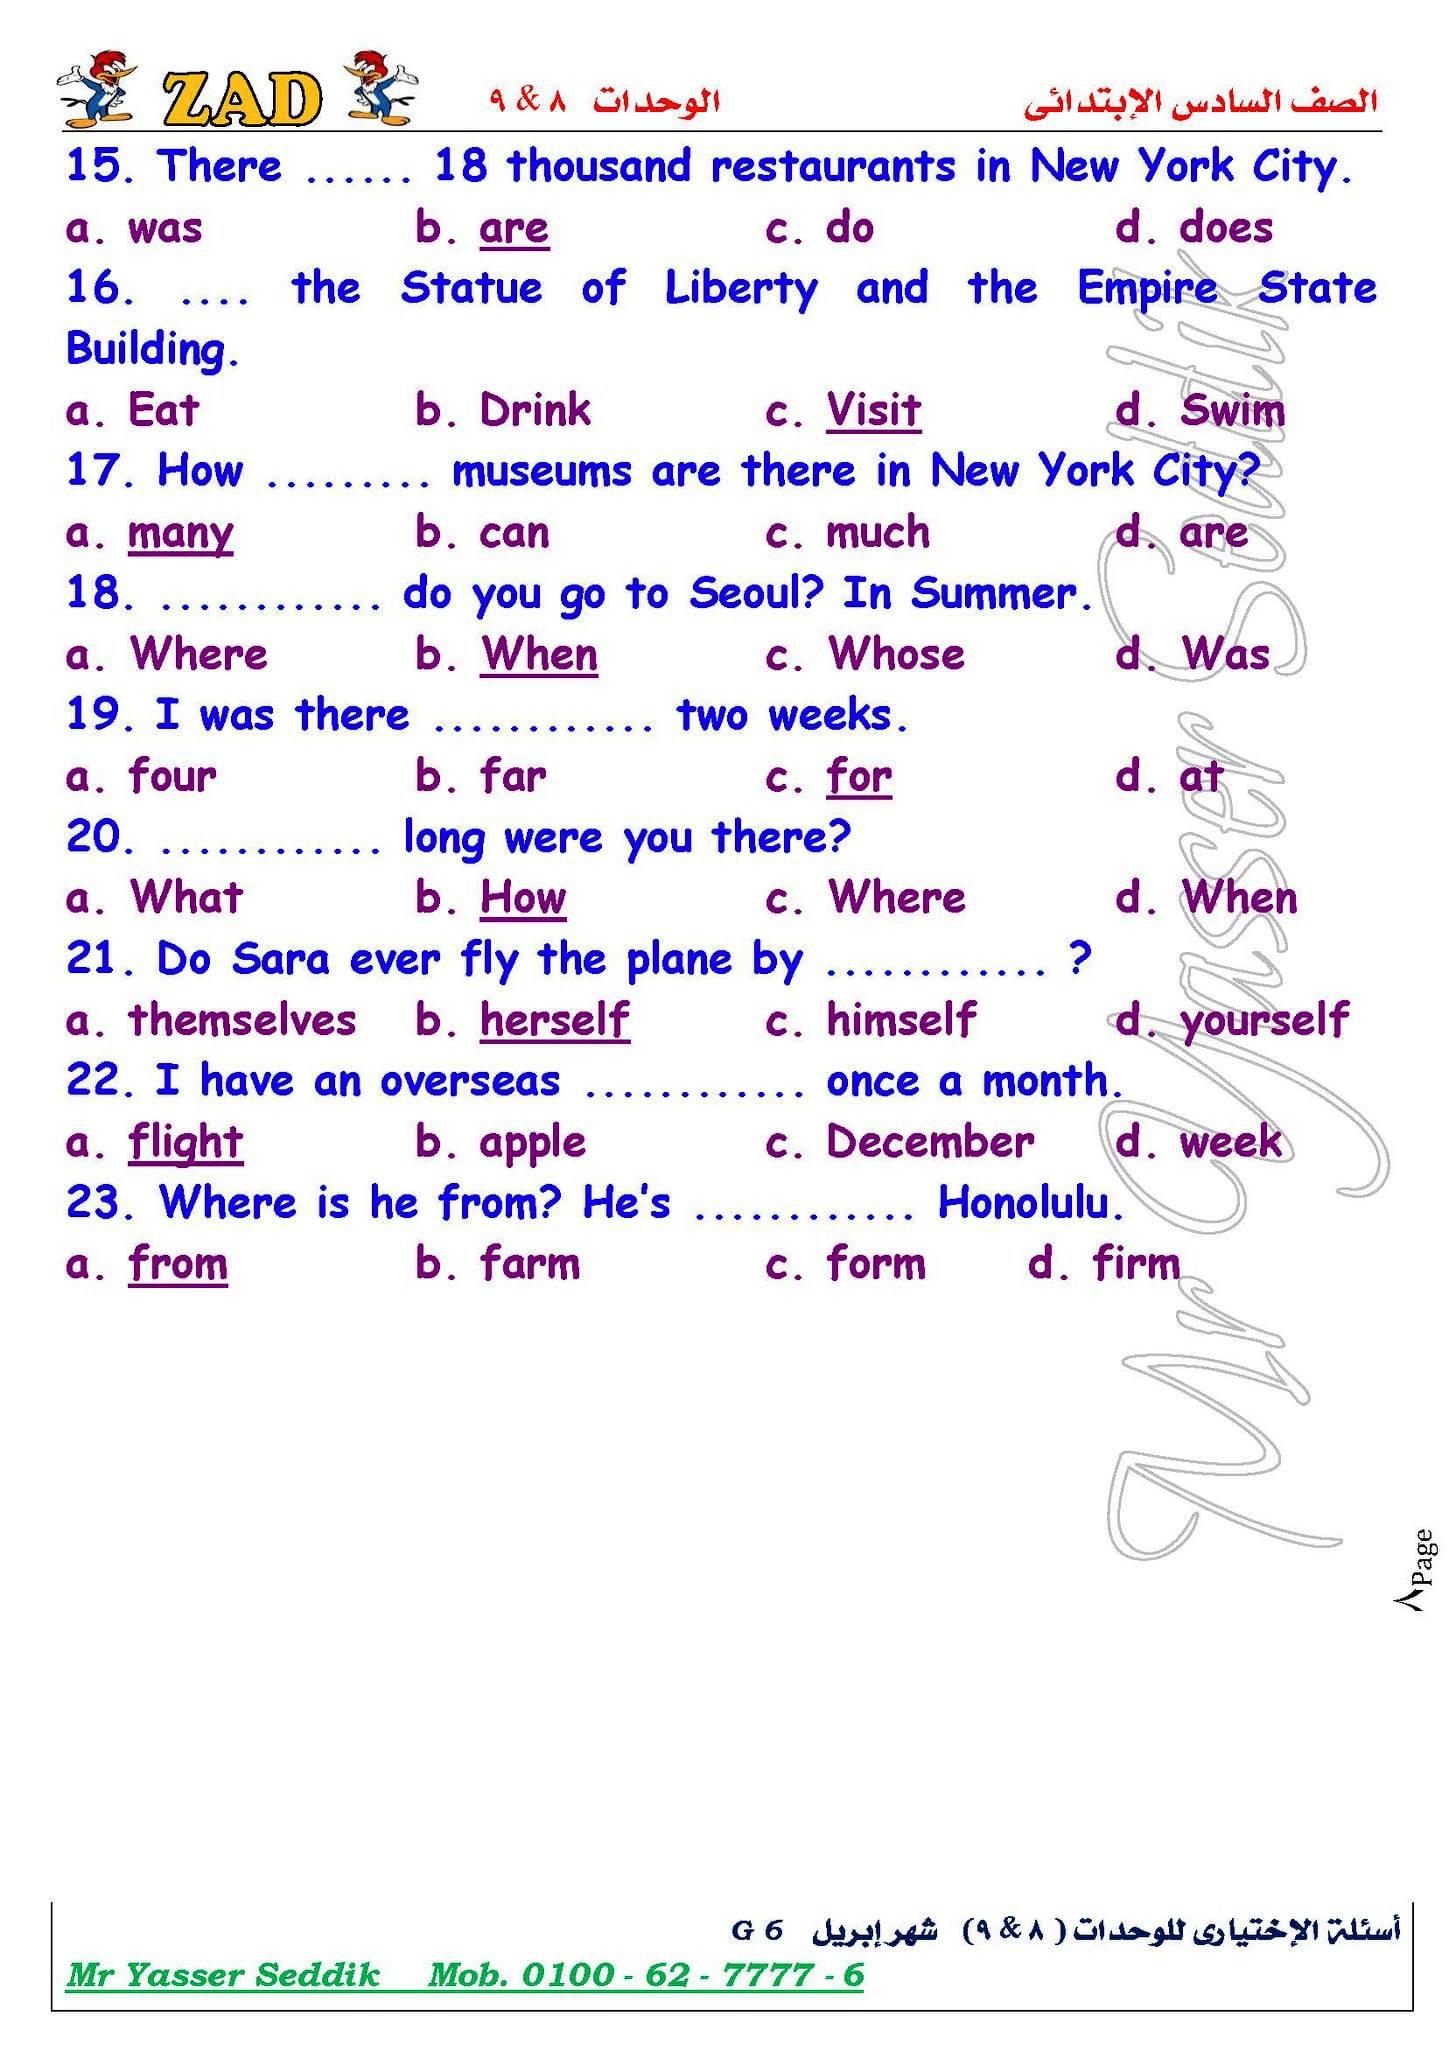 مراجعة لغة انجليزية للصف السادس الإبتدائى ترم ثاني شهر إبريل بالإجابات مستر ياسر صادق 15